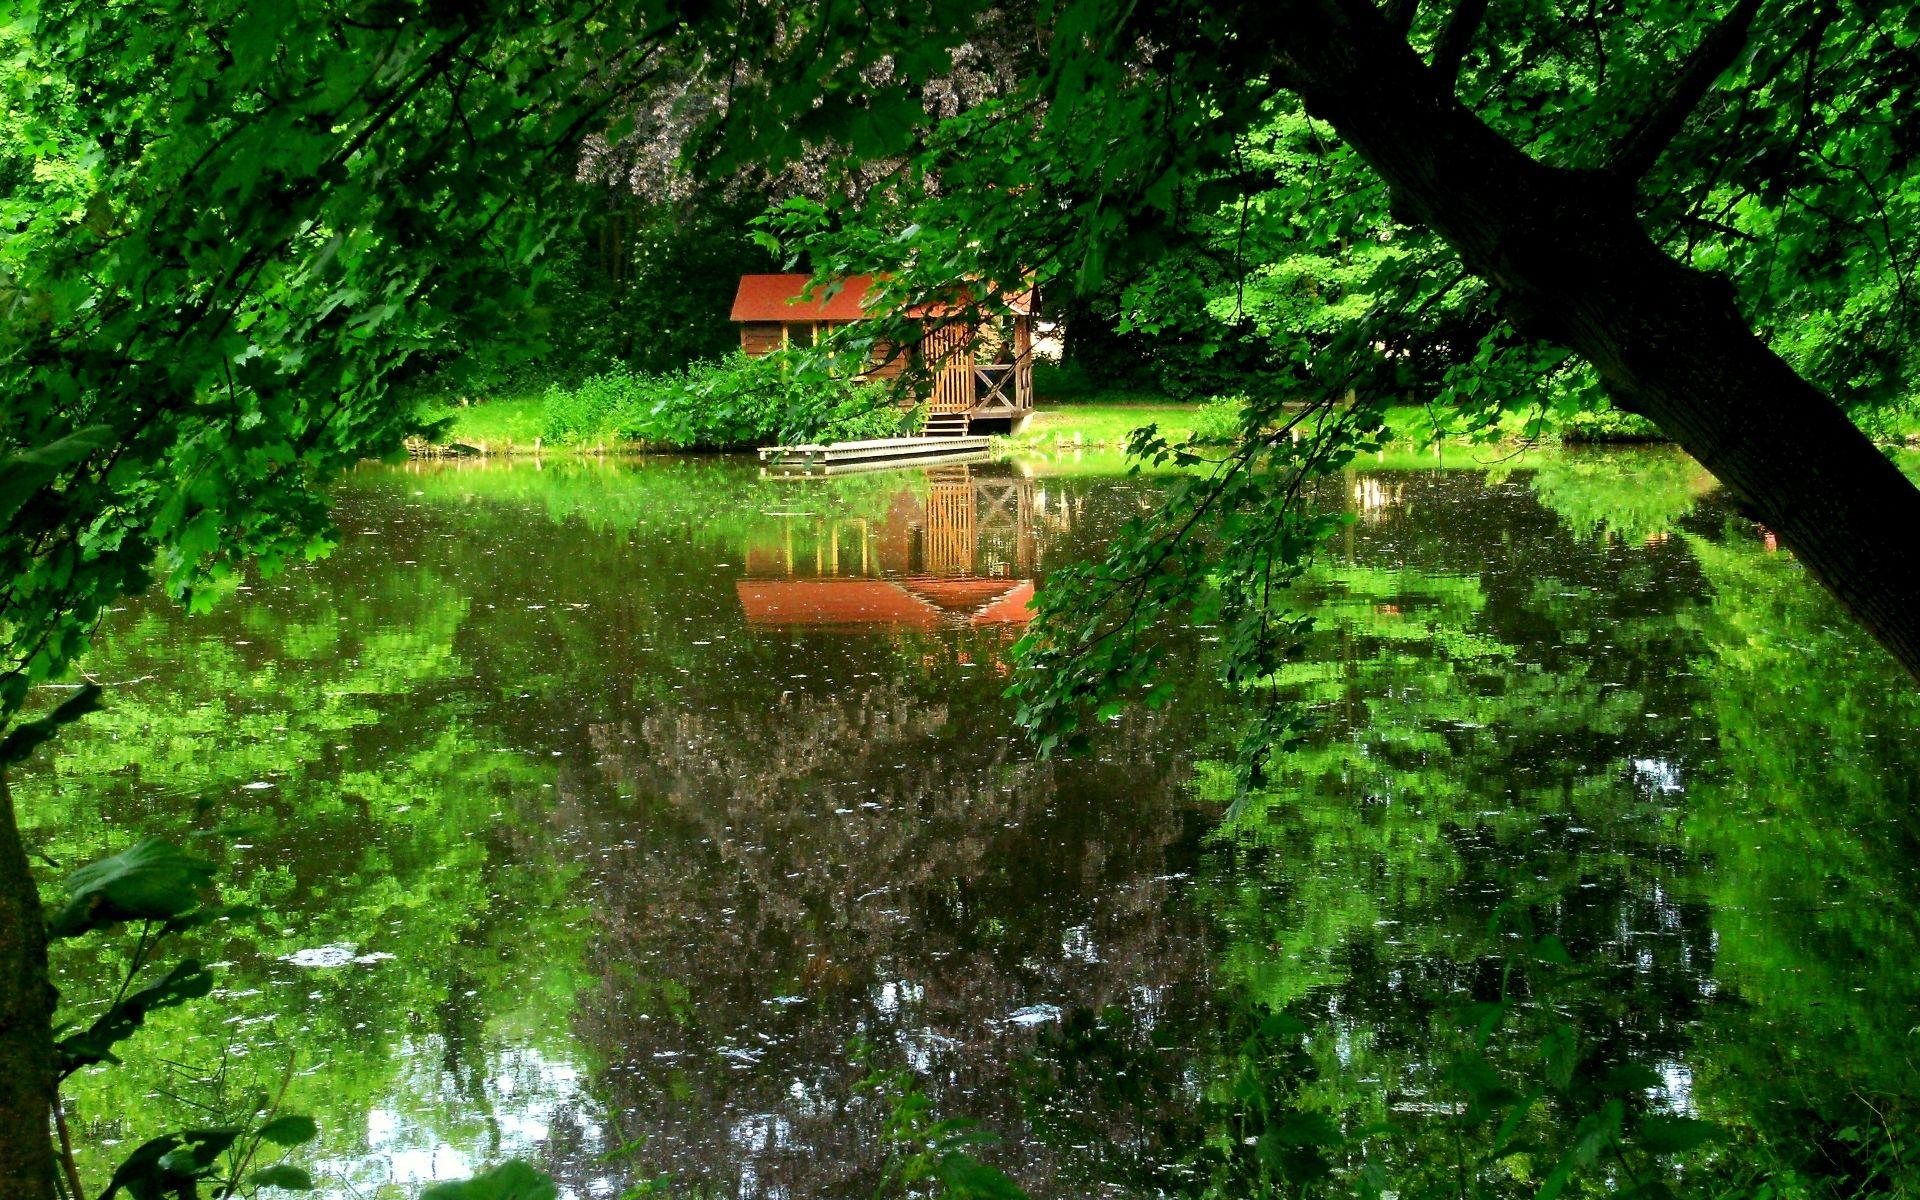 природа озеро дом лес деревья  № 2447881 бесплатно